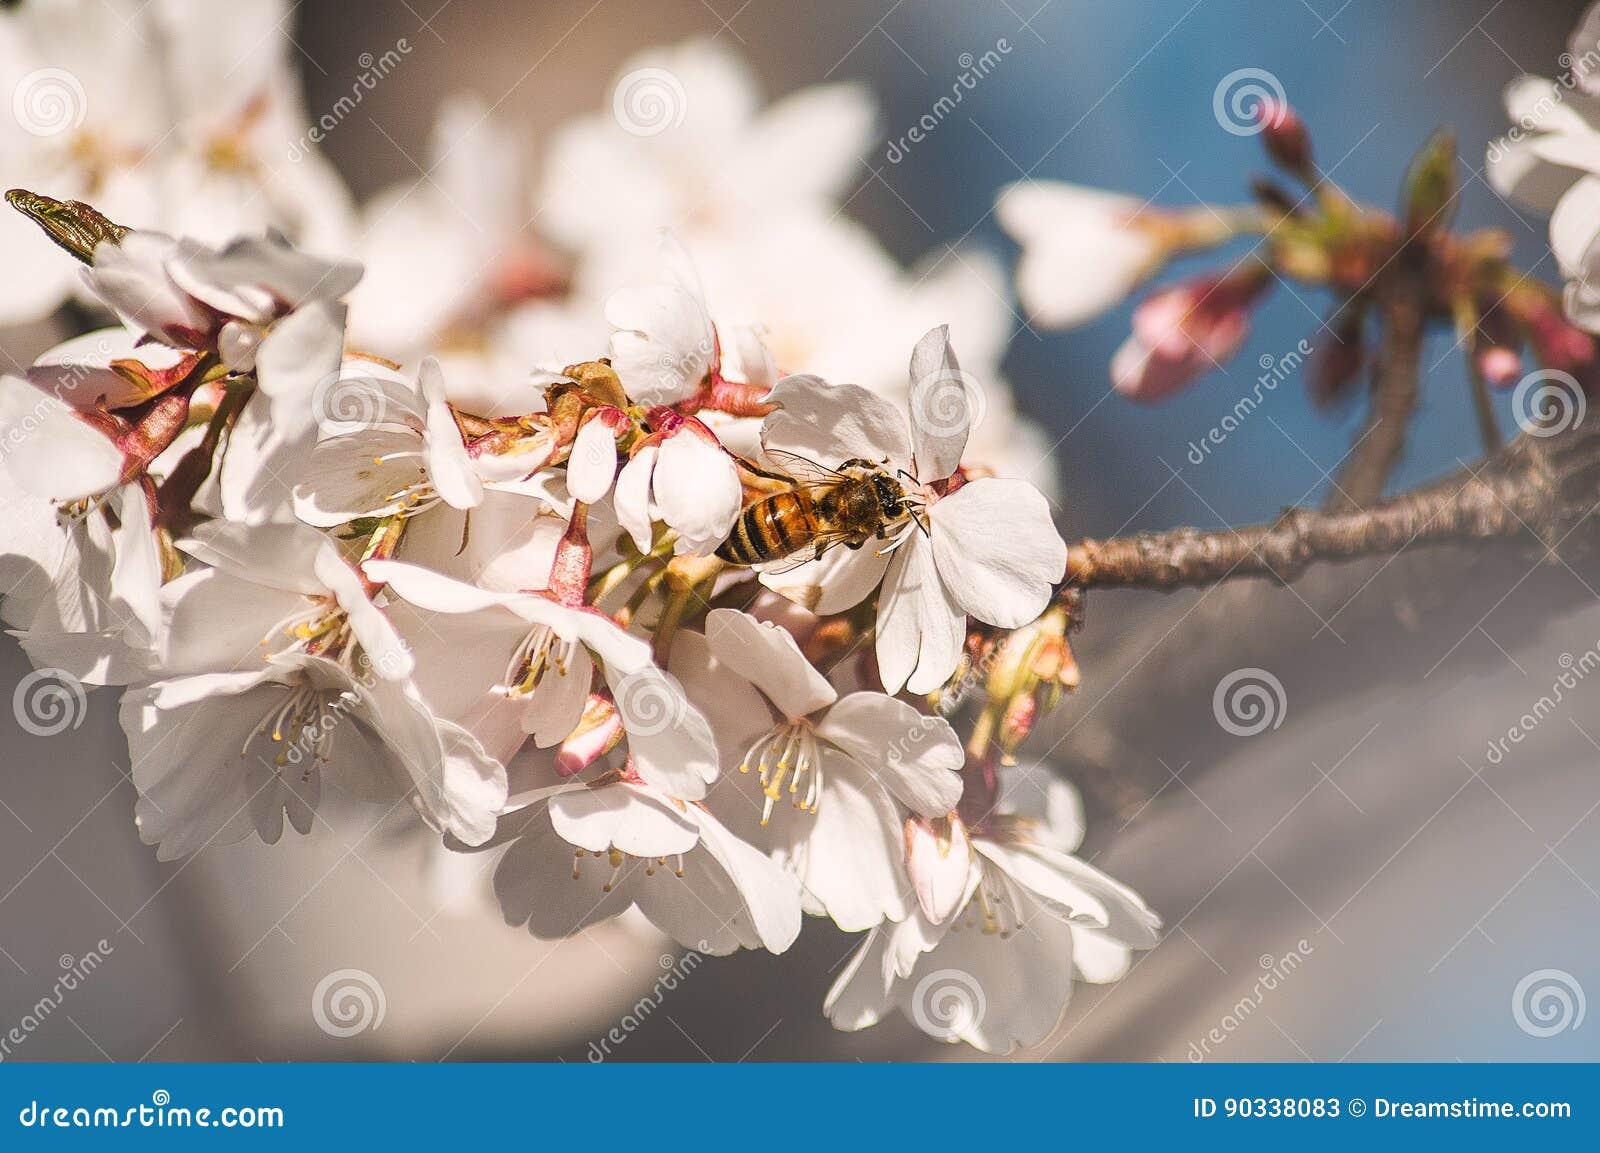 Biene, die diese Blüten riecht